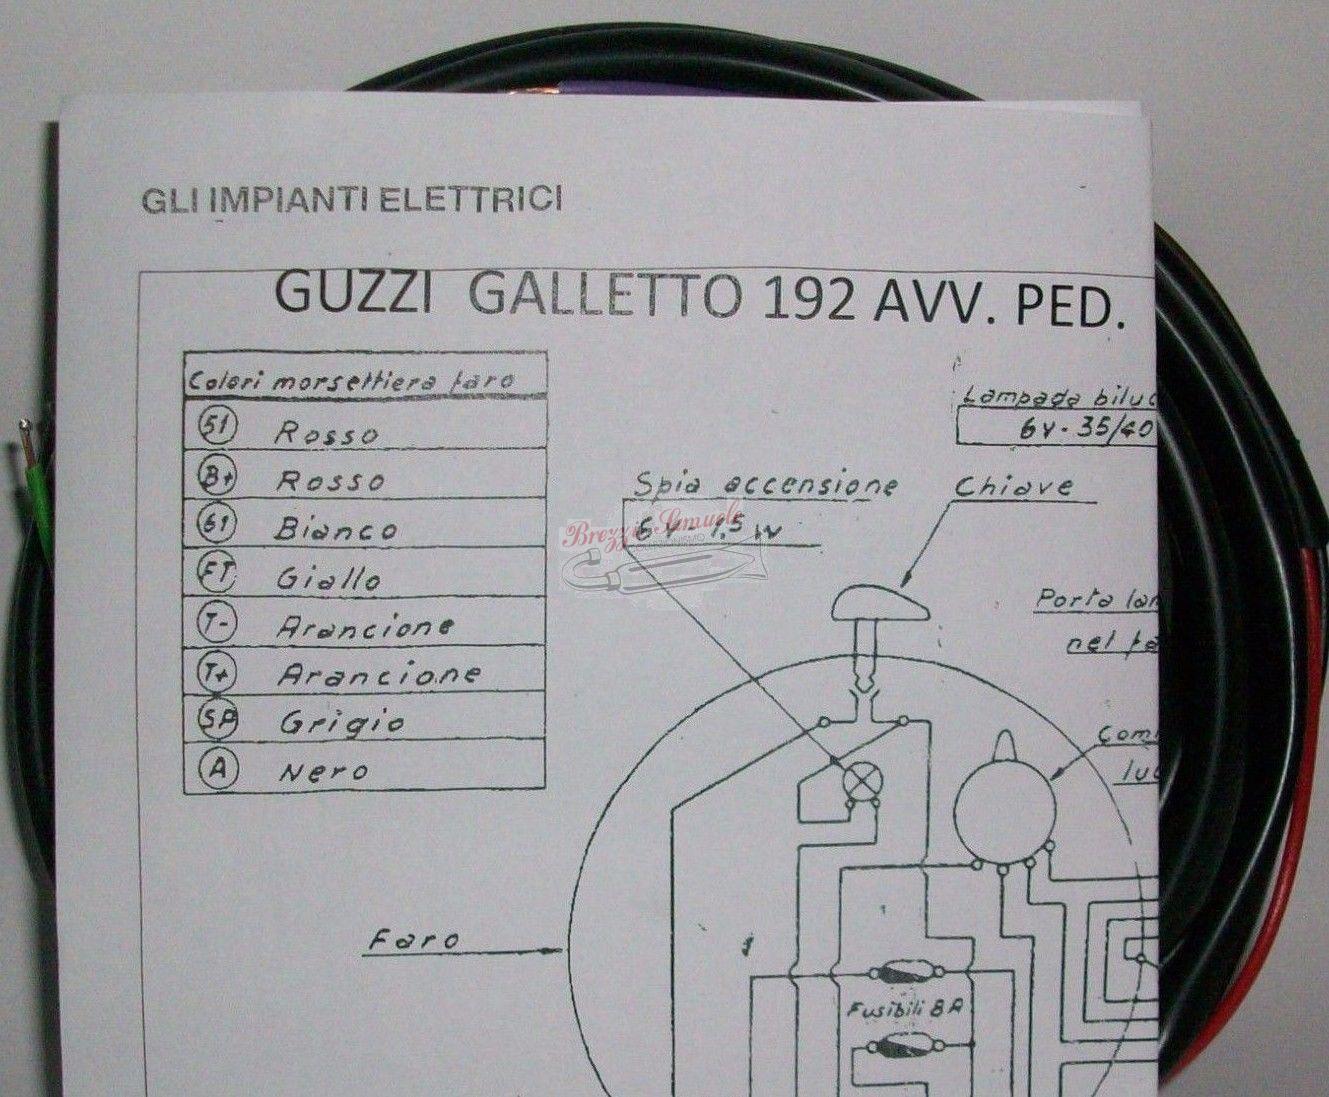 Schema Elettrico : Prodotto im impianto elettrico moto guzzi galletto